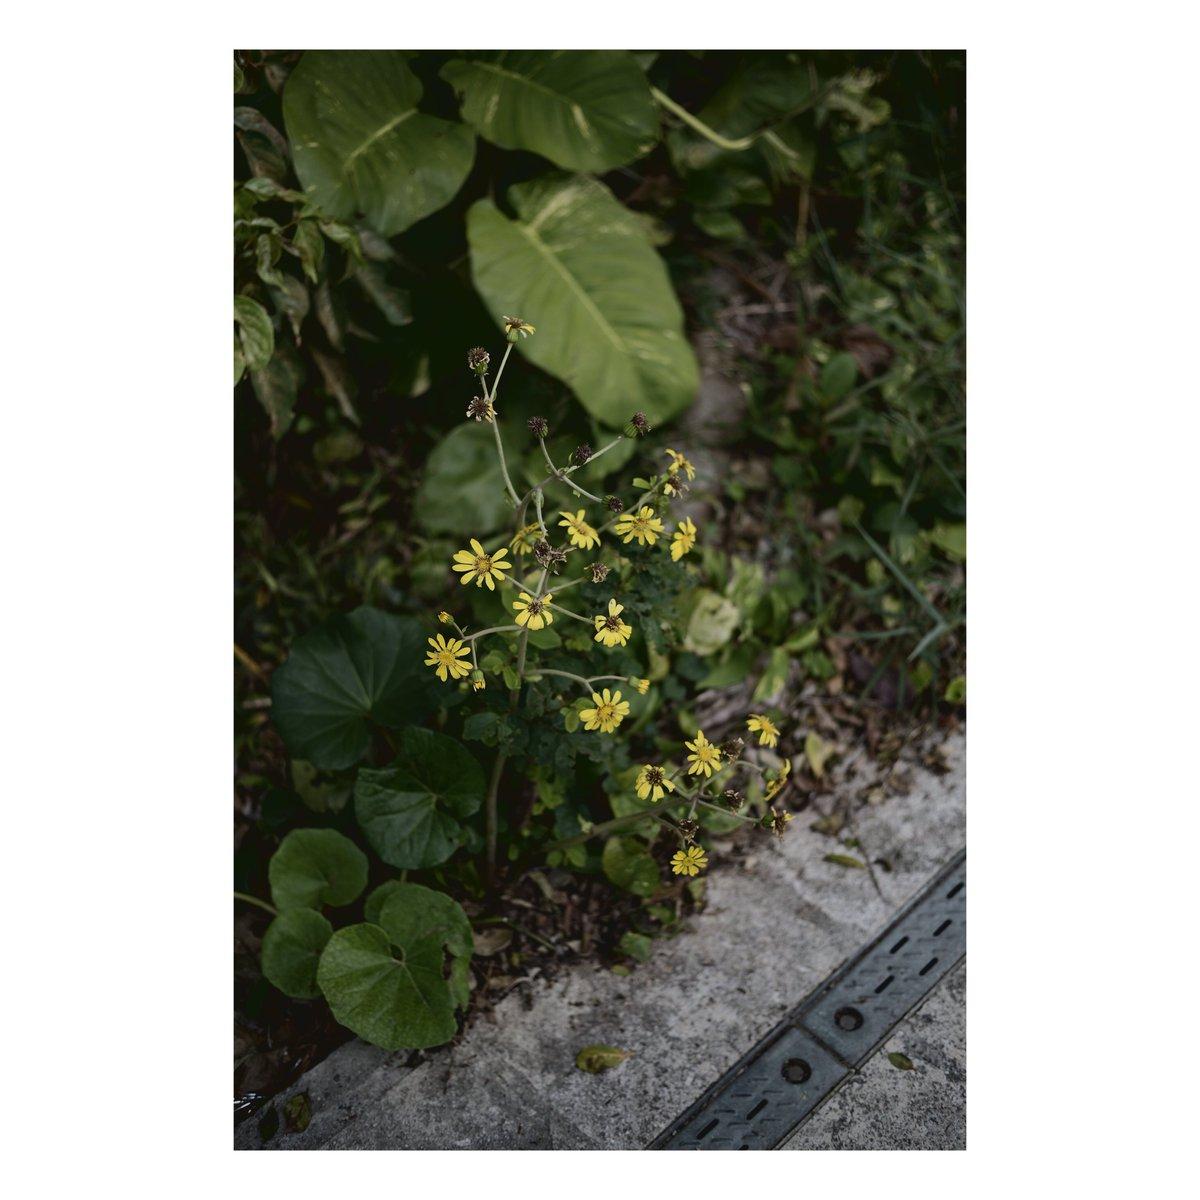 ニコンでクラシッククローム風撮って出し。 #写真 #ファインダー越しの私の世界  #写真シェア #写真好きと繋がりたい #Nikon #Z6 #マクロプラナー #Makroplanar #Milvus #お写ん歩 #沖縄 #vsco